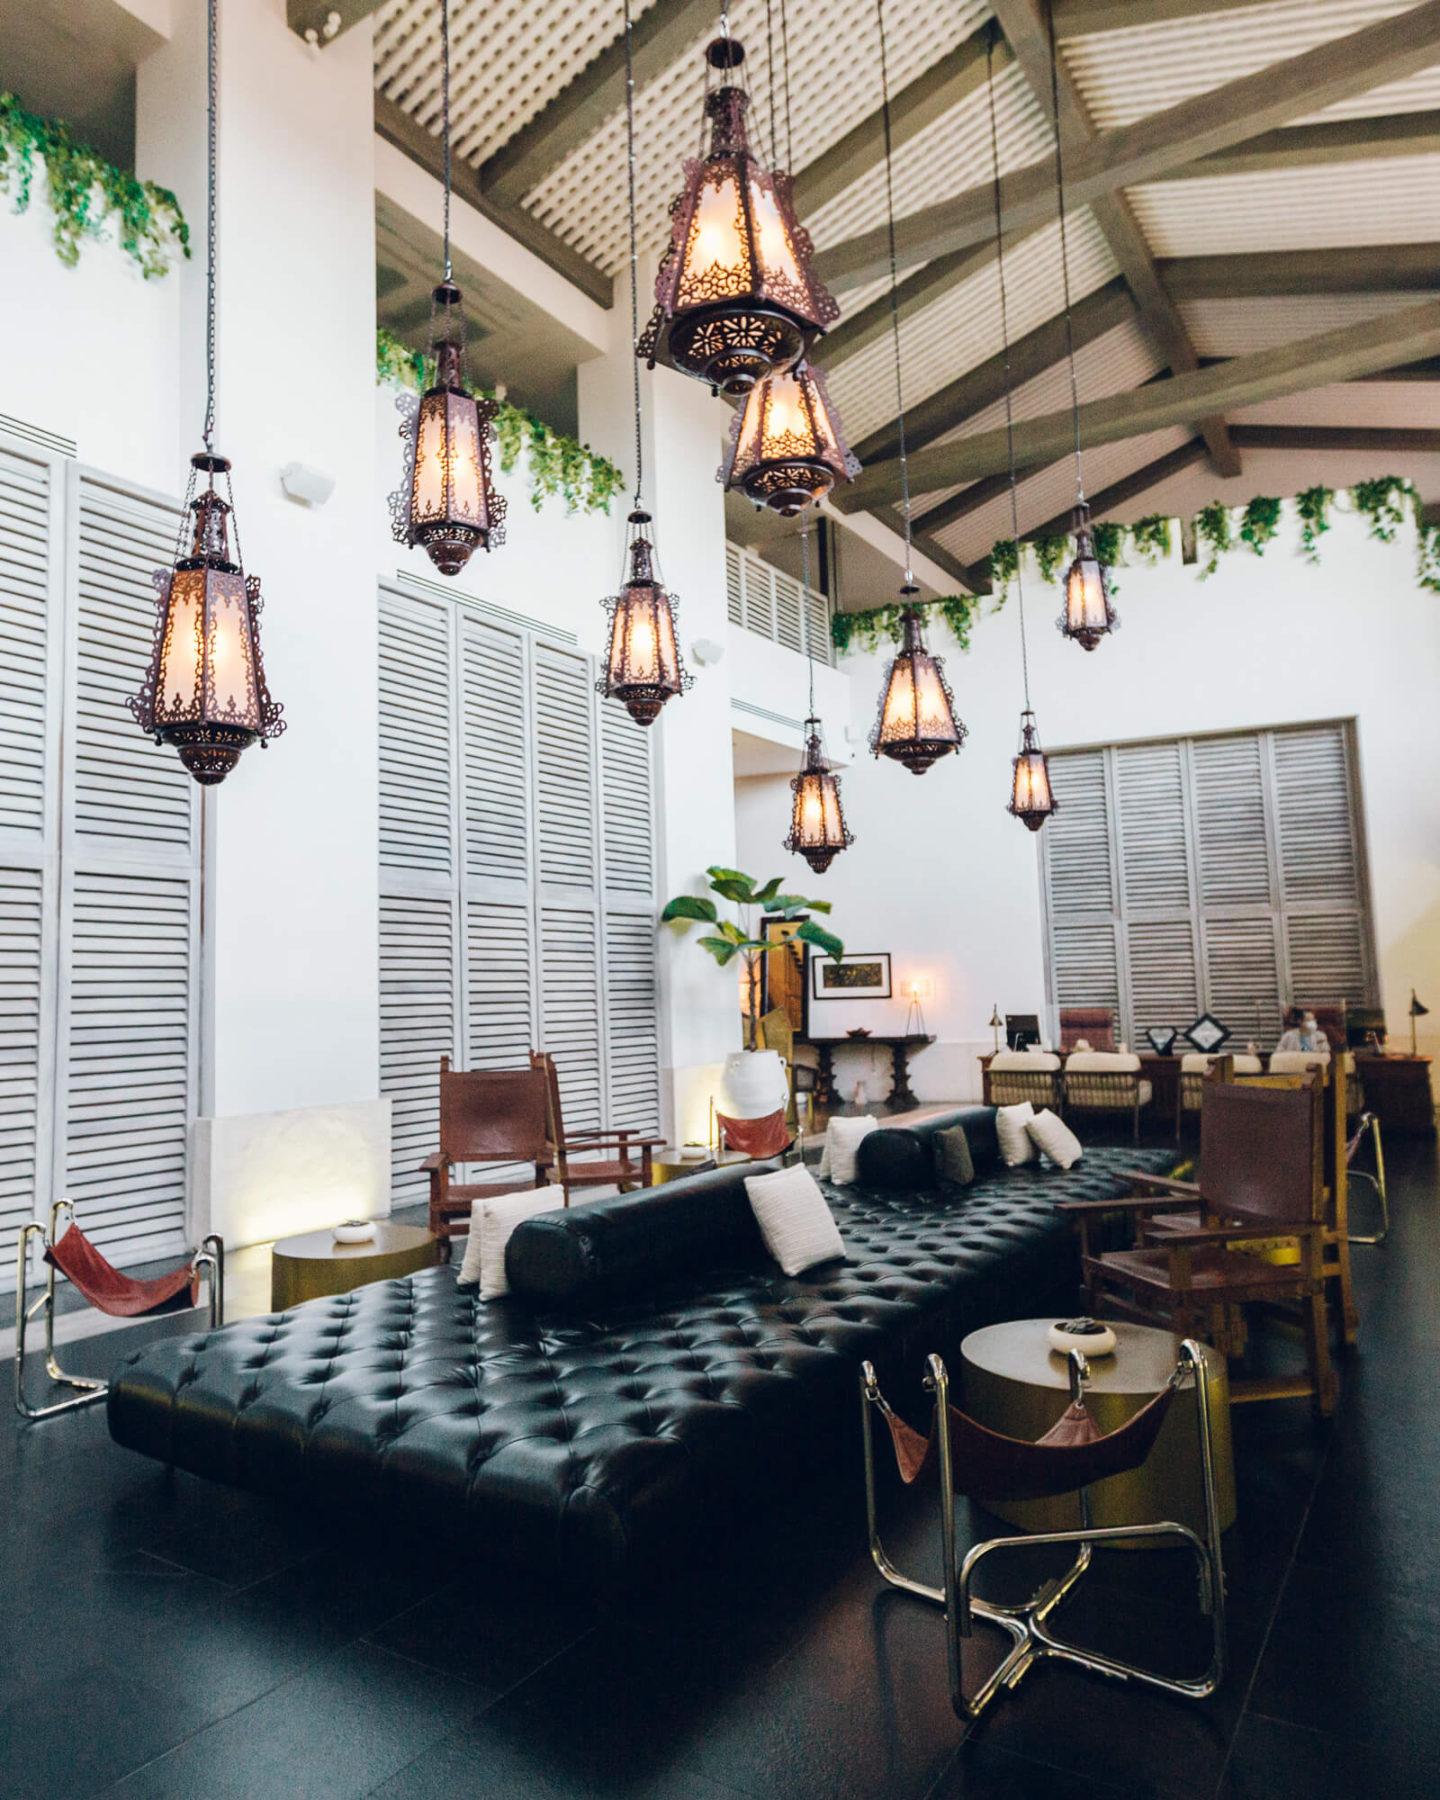 The hotel lobby at UNICO 2087 Riviera Maya